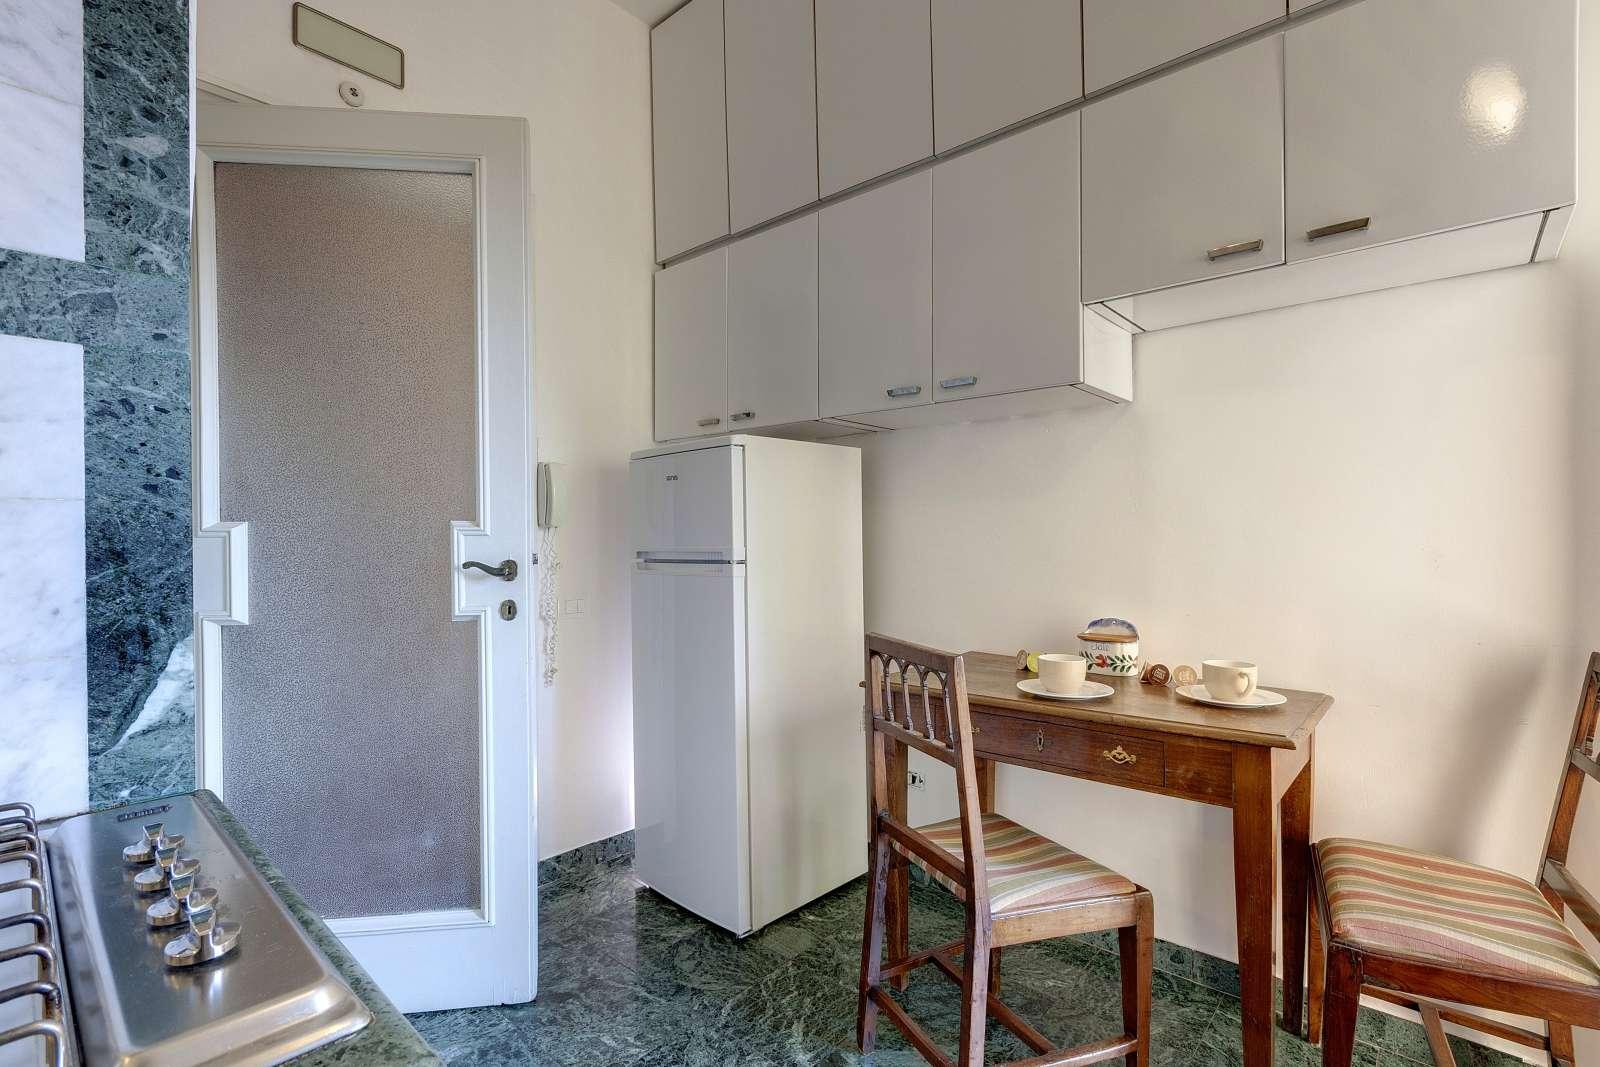 Appartamento con 3 camere da letto in affitto a campo di for 3 camere da letto finito seminterrato in affitto